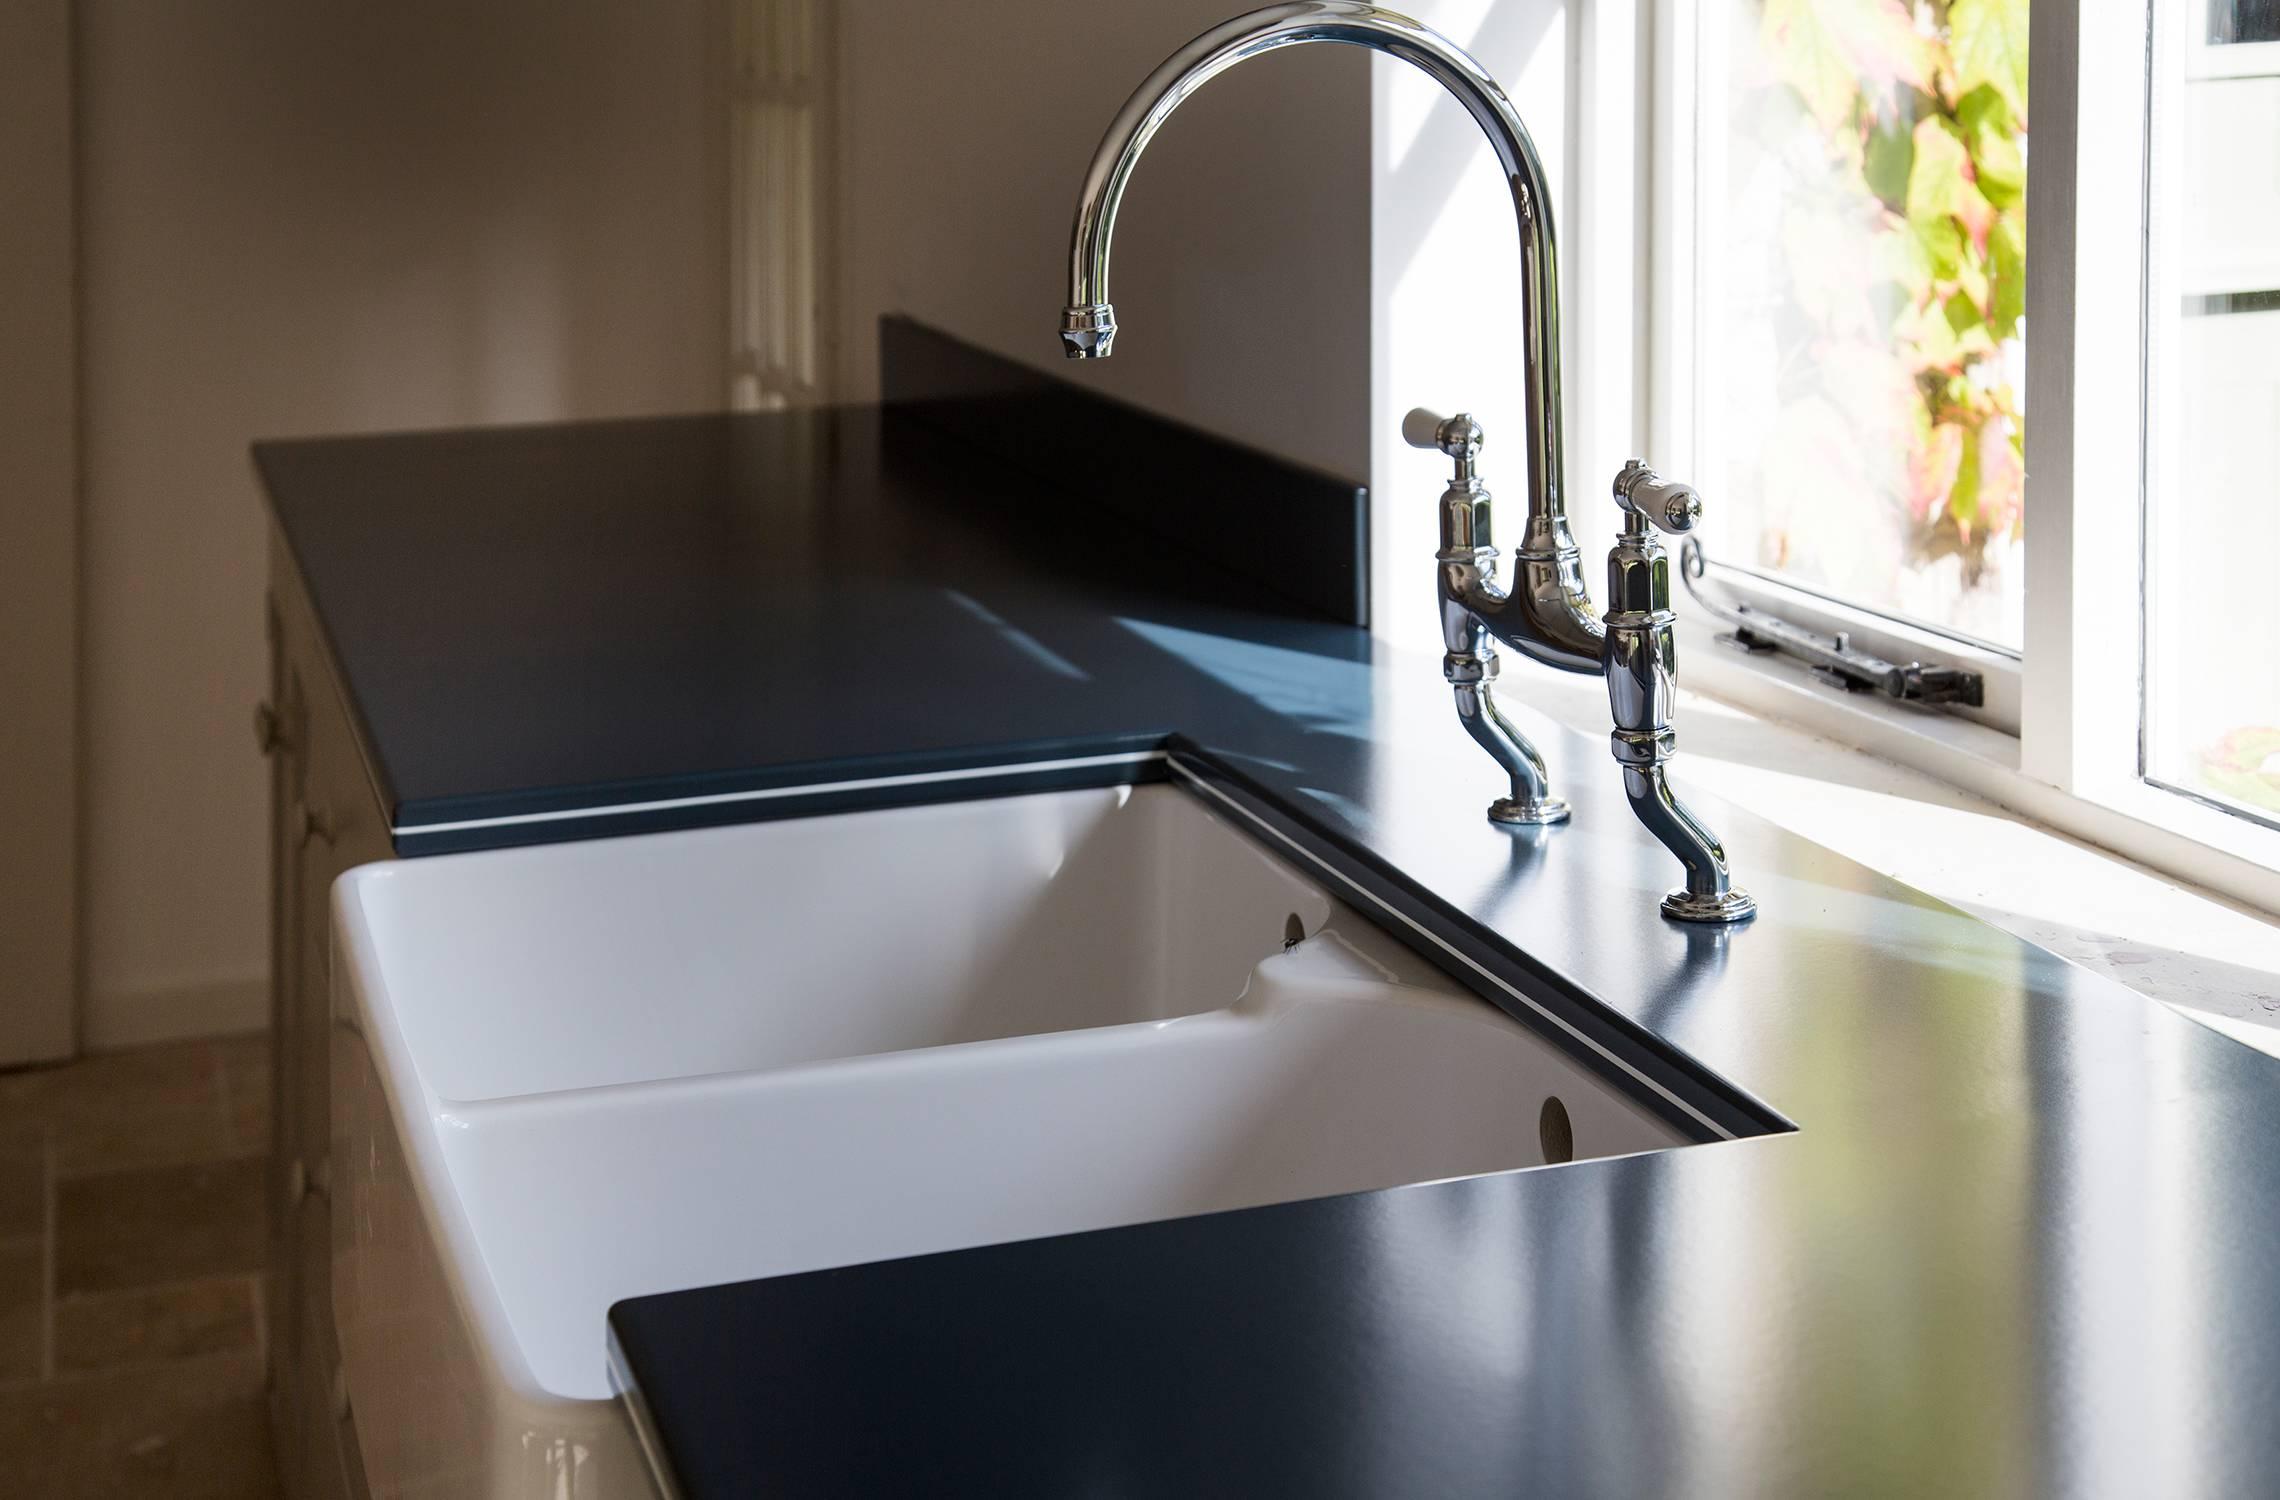 Vlaze worktop around sink